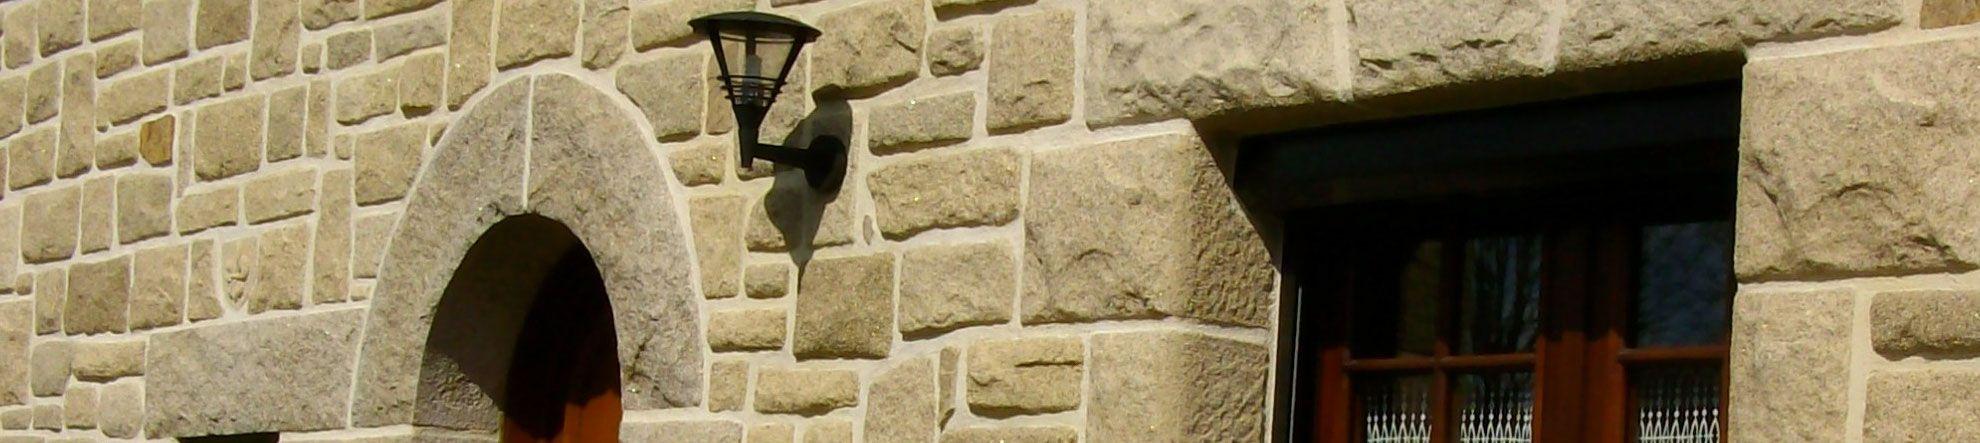 pierres et parements le sp cialiste du travail de la pierre de parement en granit reconstitu e. Black Bedroom Furniture Sets. Home Design Ideas